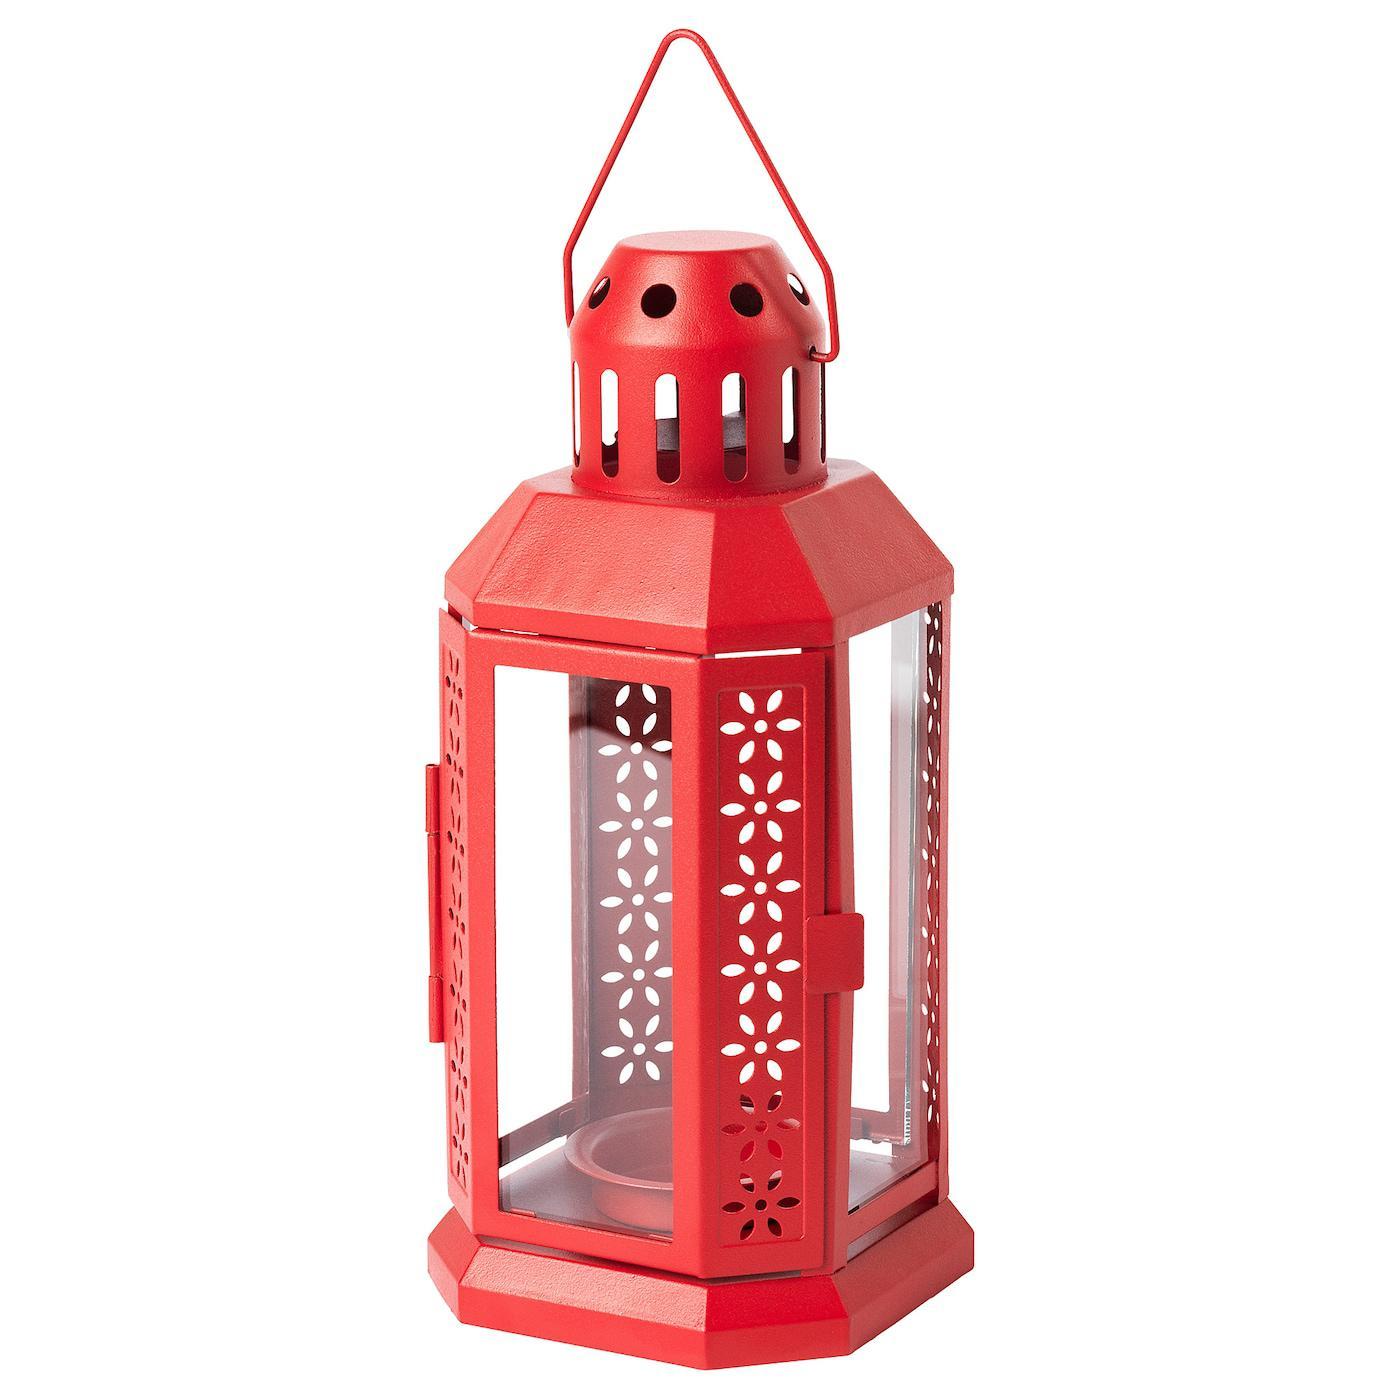 в наличии ВИНТЕР 2020 Фонарь для греющей свечи, д/дома/улицы красный22 см